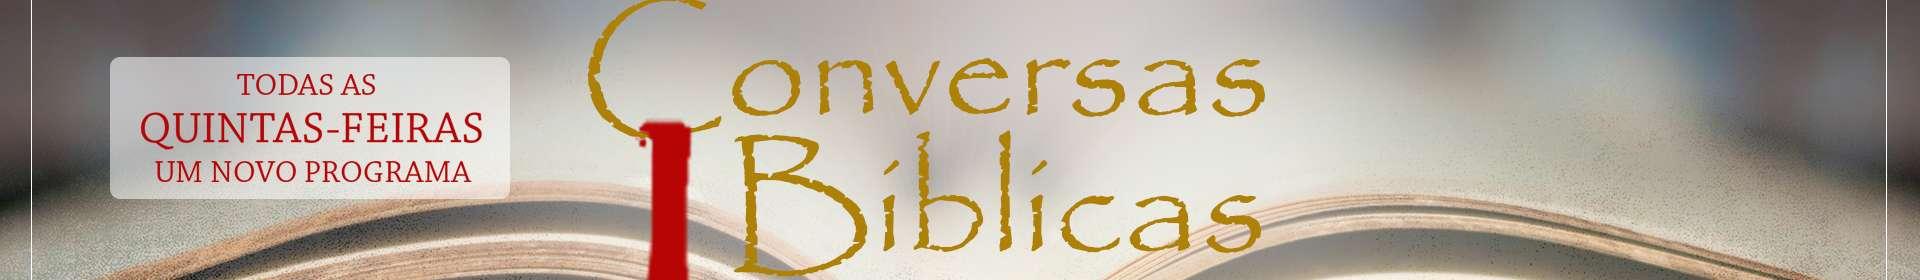 Conversas Bíblicas: Culto Profético e Grupos de Assistência - Parte 3